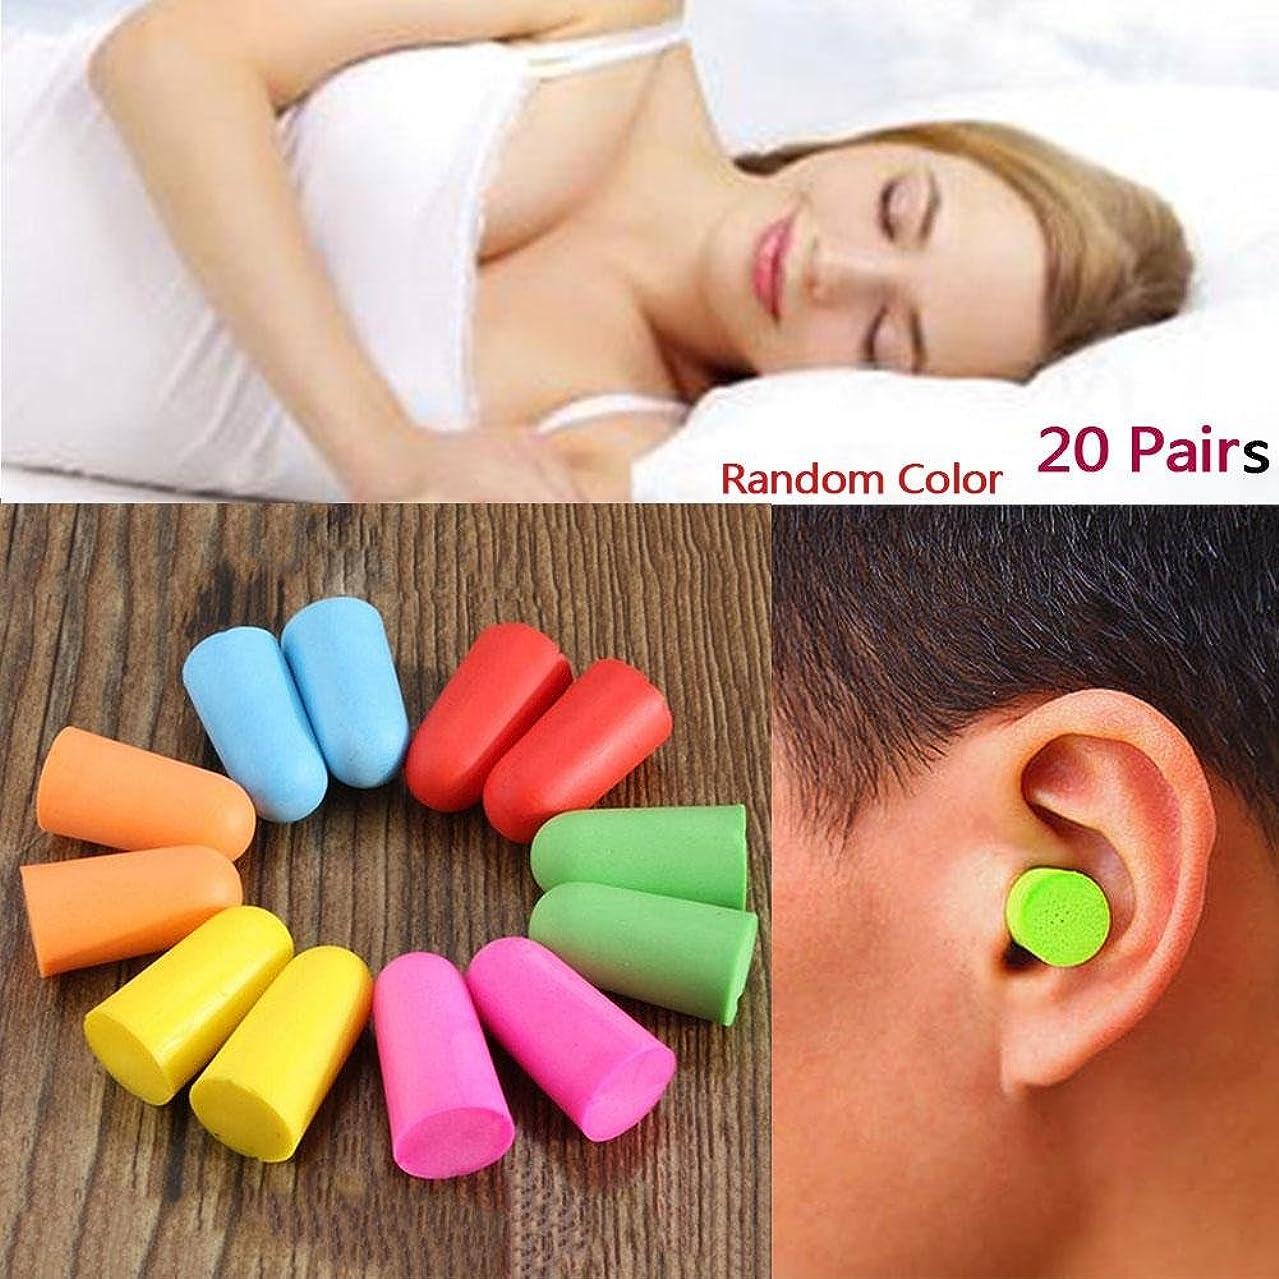 勝者下に勧めるNOTE 20ペアソフトクラシック泡耳栓旅行睡眠騒音低減防止耳栓遮音耳保護